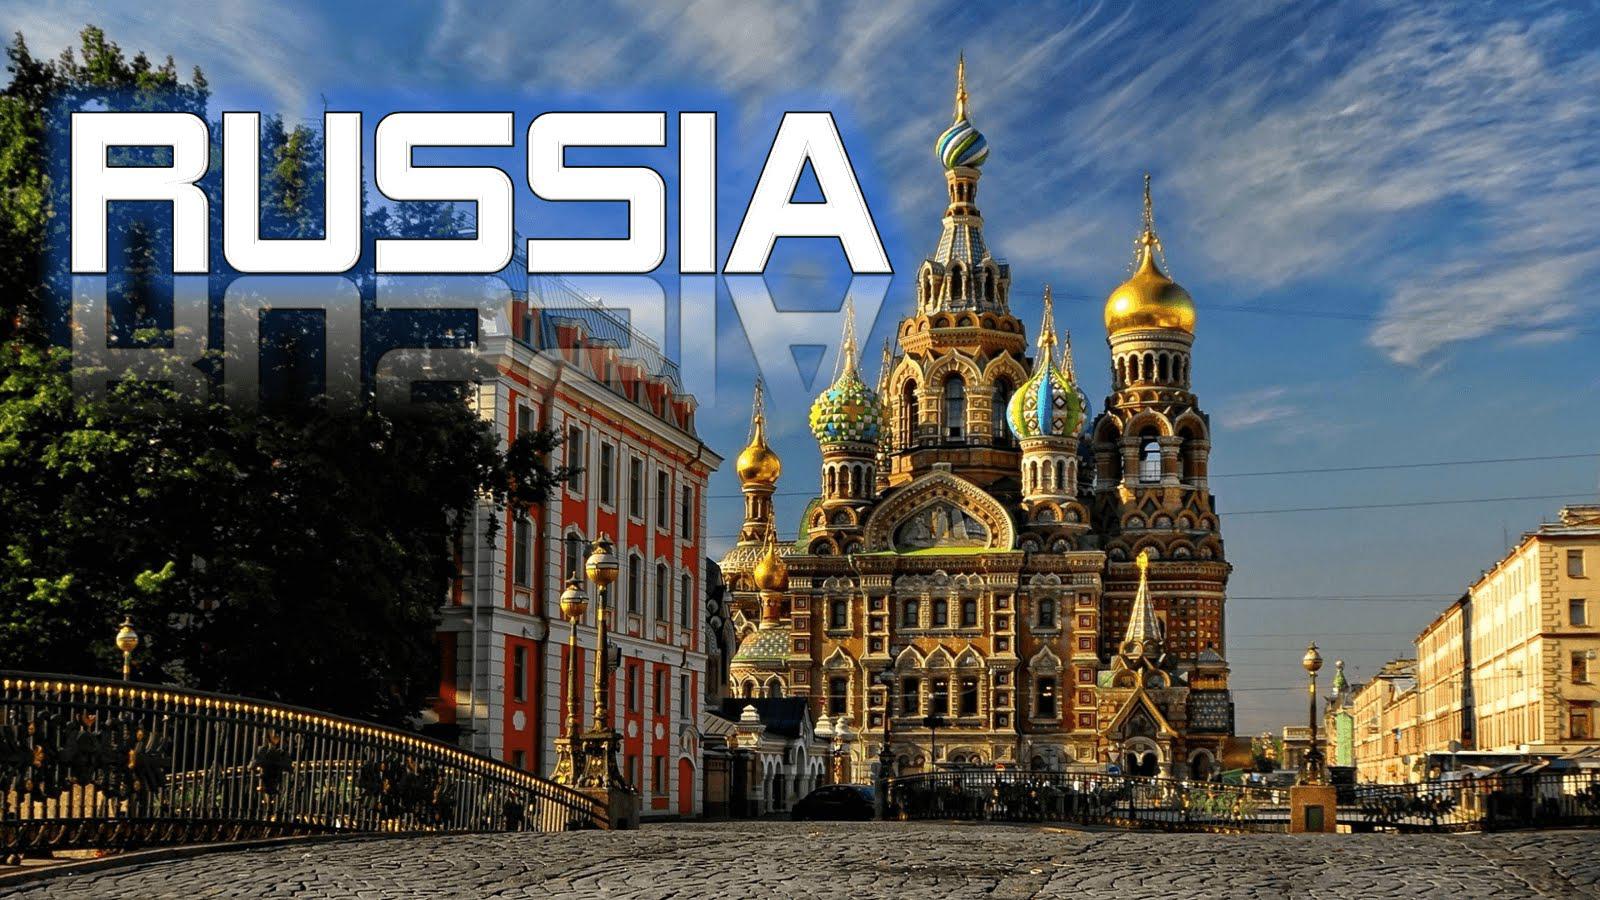 مكاتب استخراج فيزا روسيا